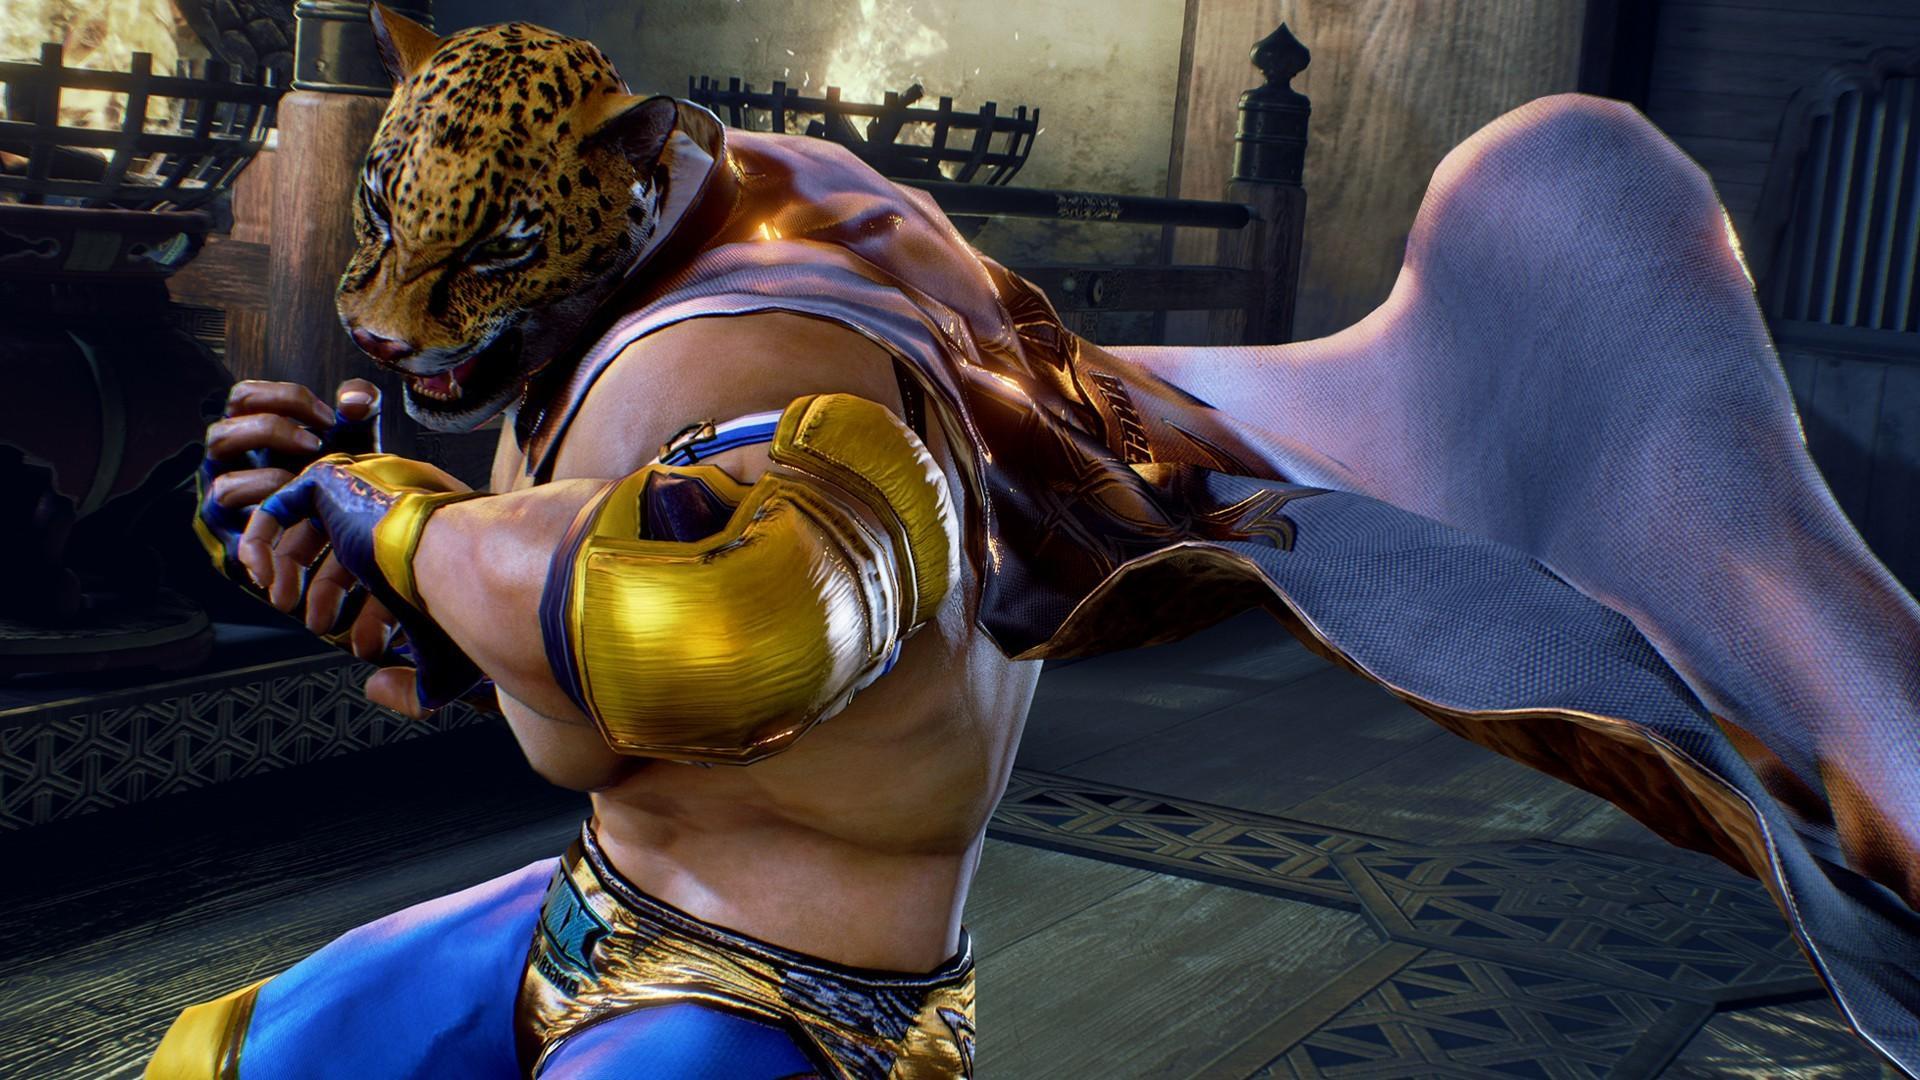 King- Tekken- mejores personajes mexicanos de videojuegos